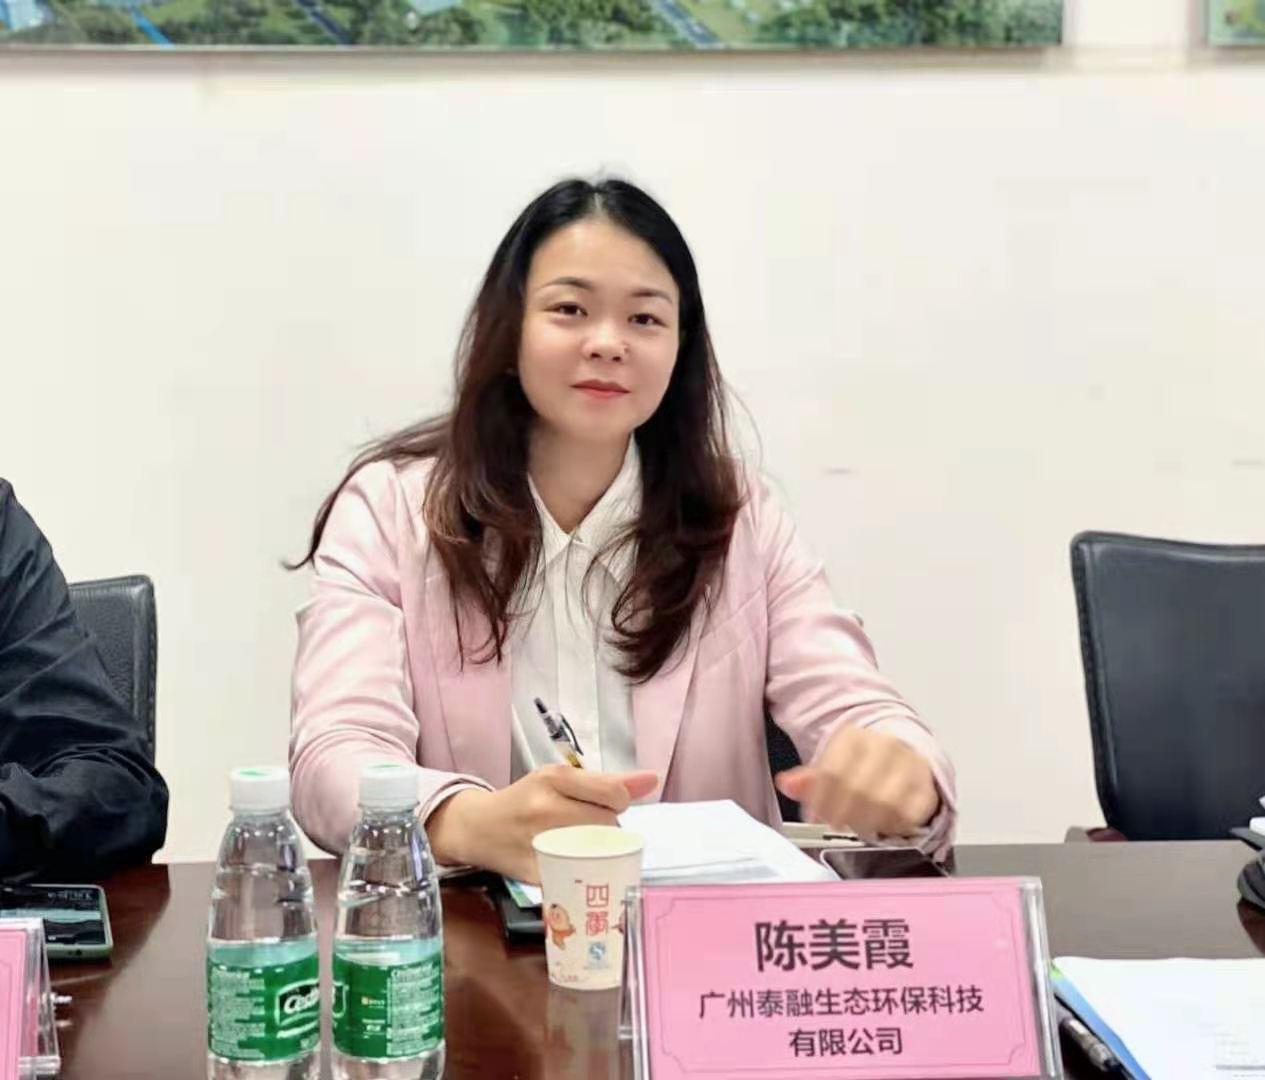 华南绿色工业创新联盟组织的企业家菁英沙龙会议